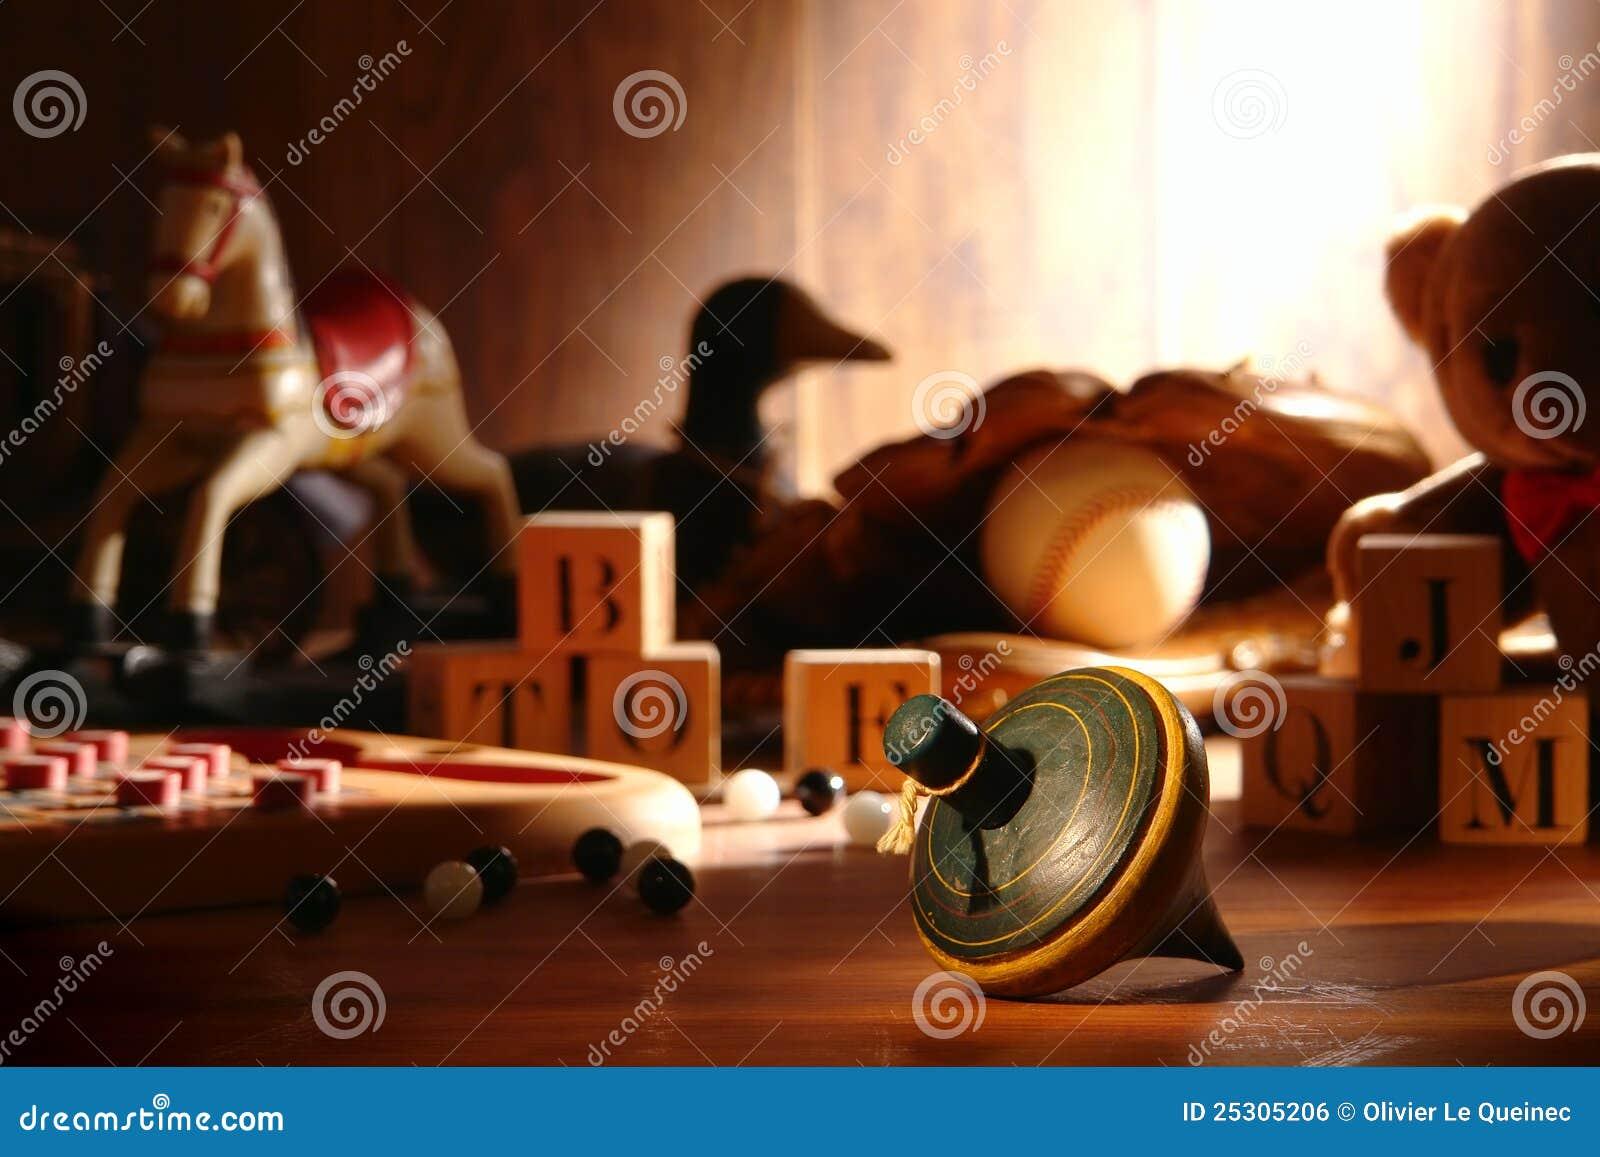 Antieke Houten Tol En Oud Speelgoed In Zolder Royalty vrije Stock Afbeelding   Afbeelding  25305206